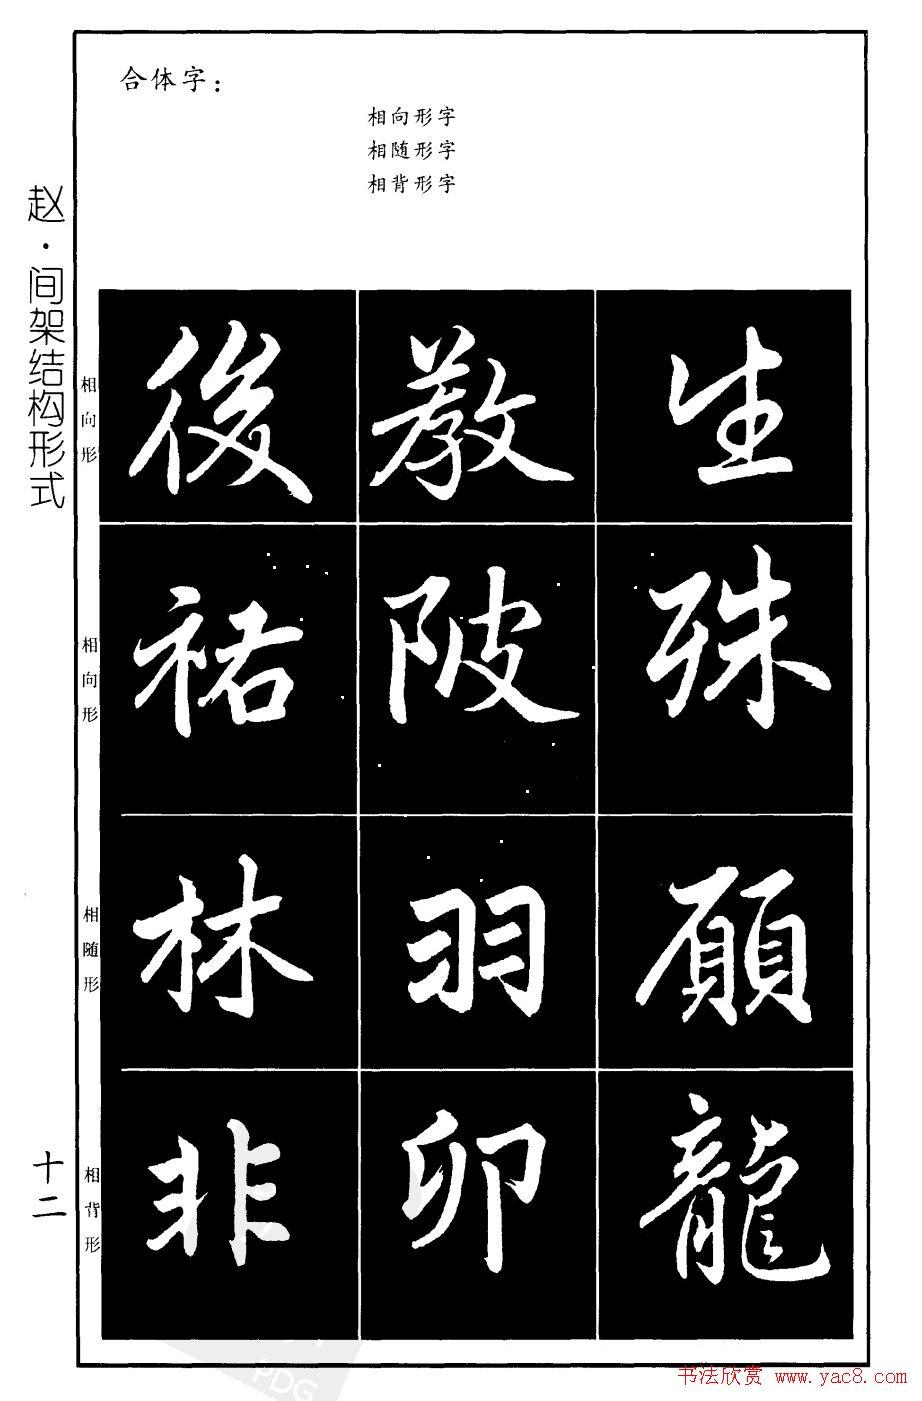 赵孟頫楷书习字帖放大图片44P 第12页 楷书字帖 书法欣赏